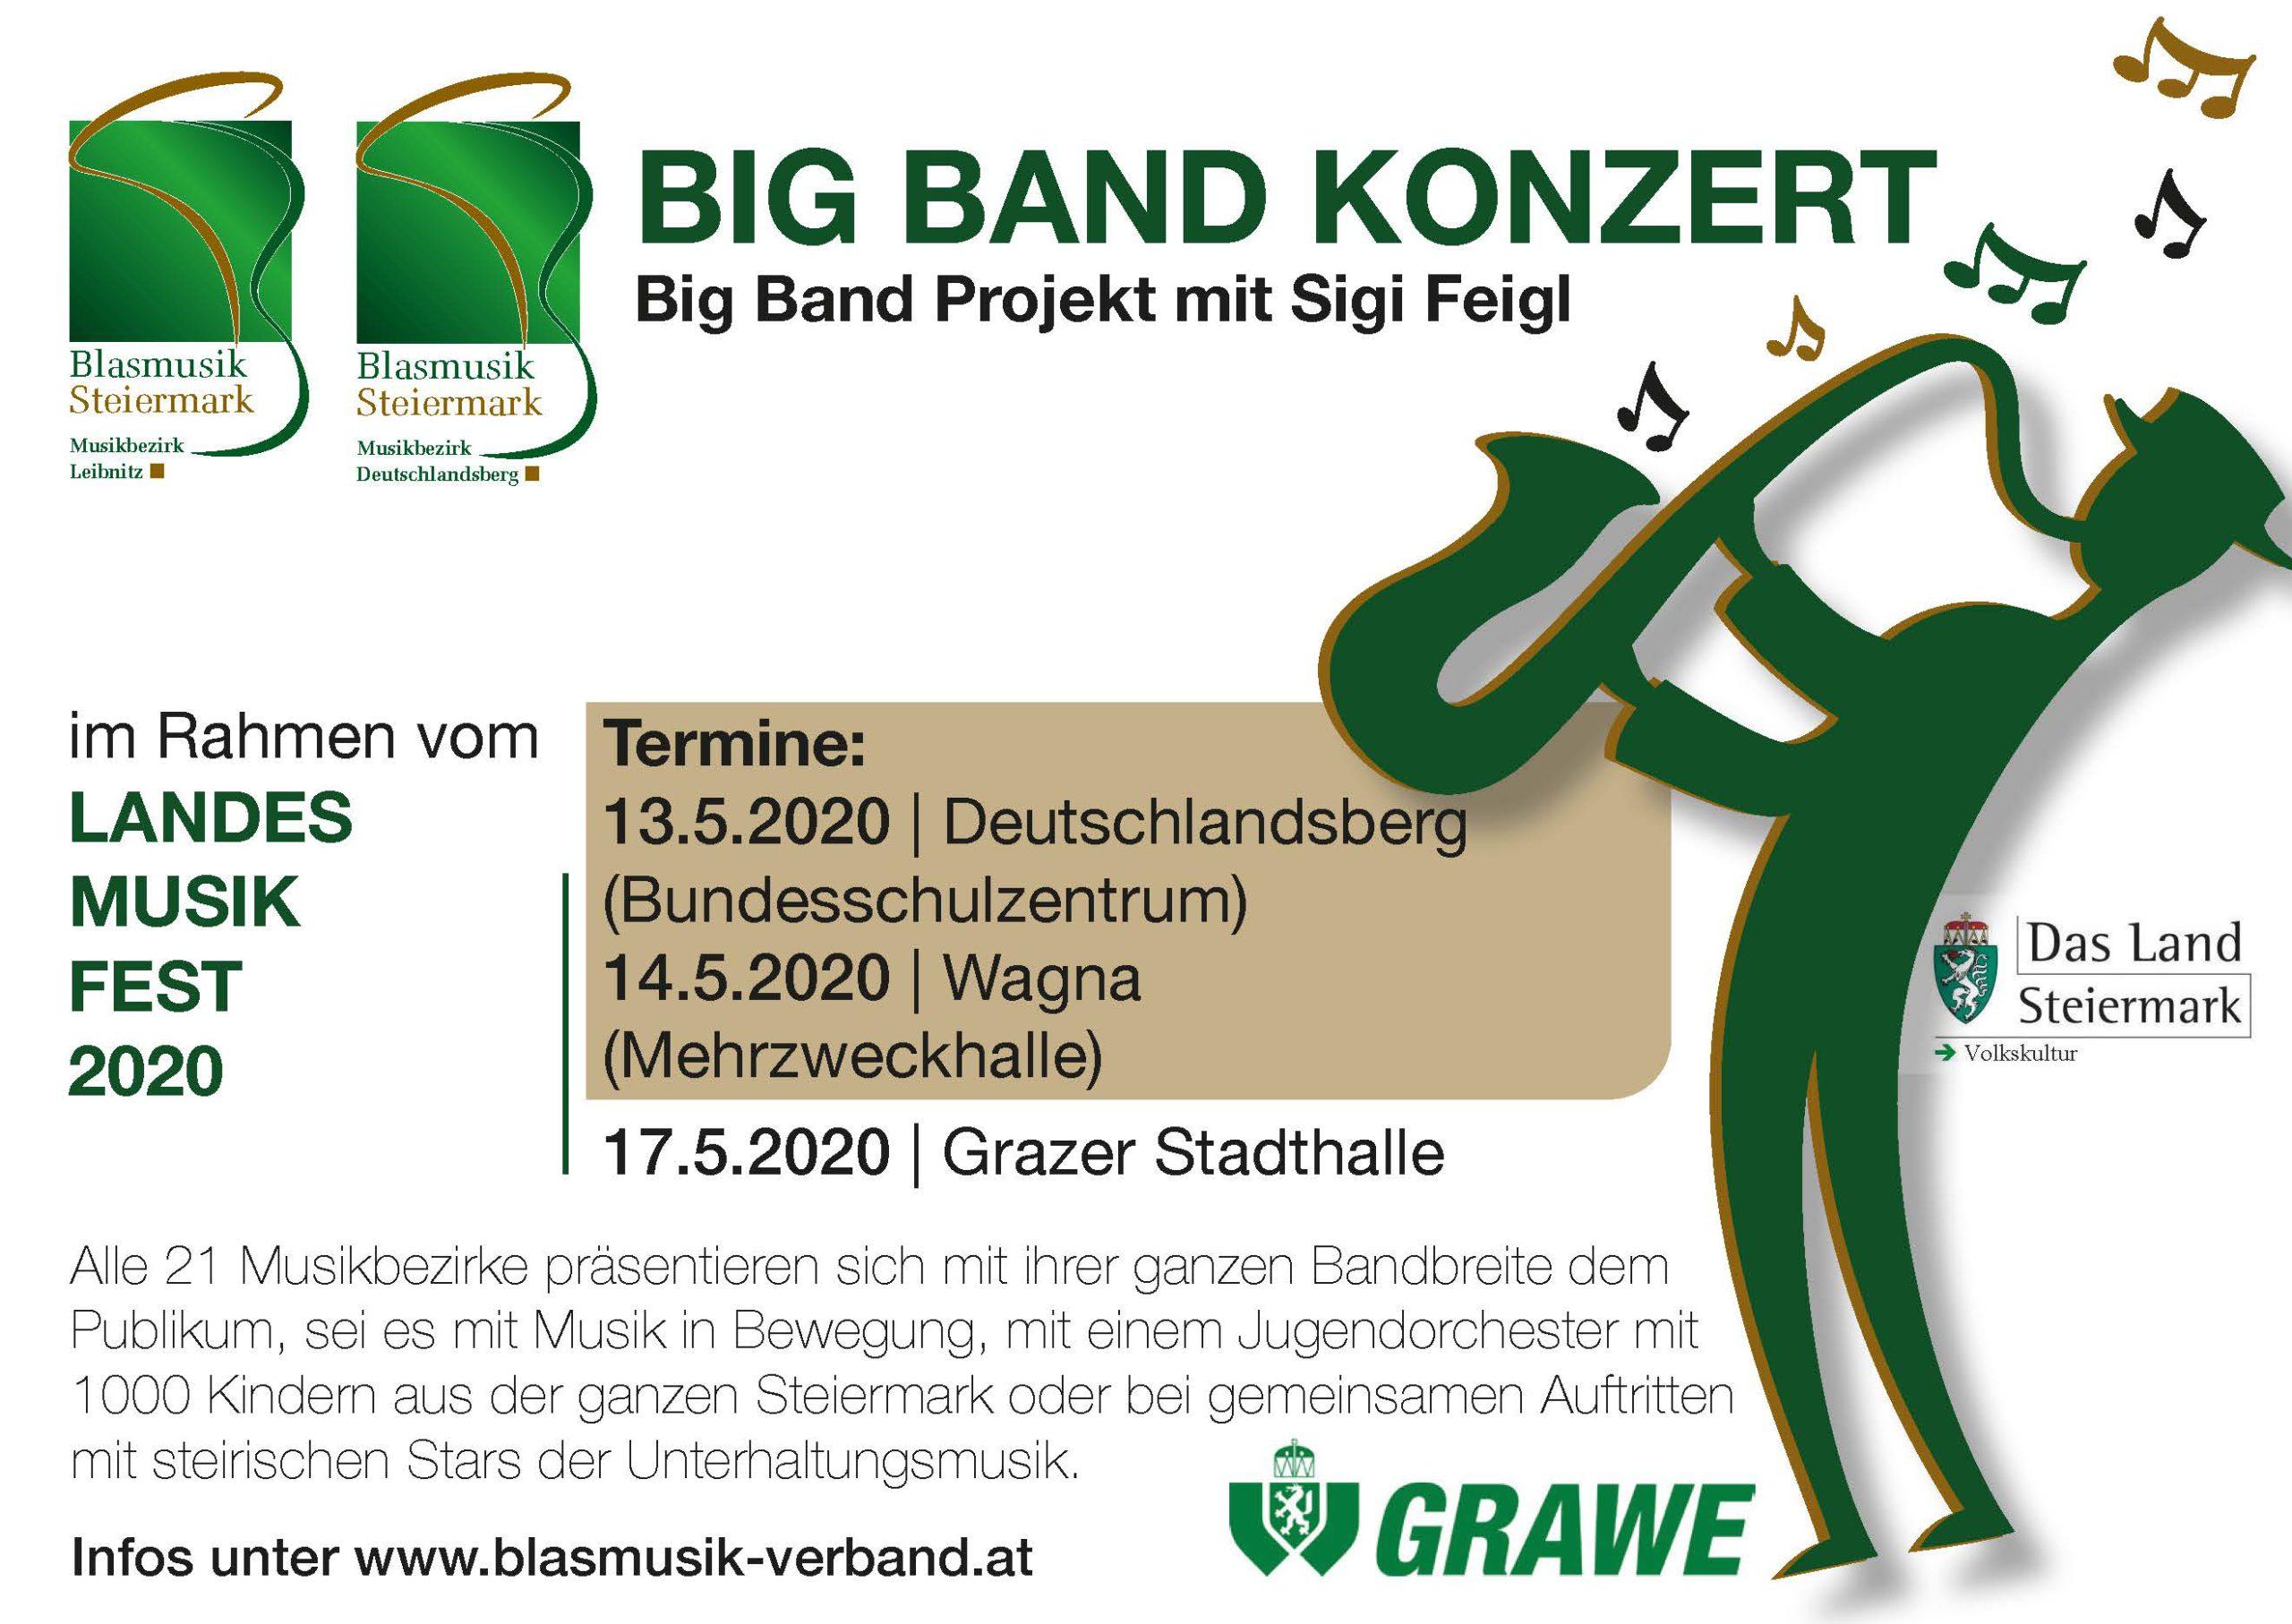 Big Band Projekt mit Sigi Feigl